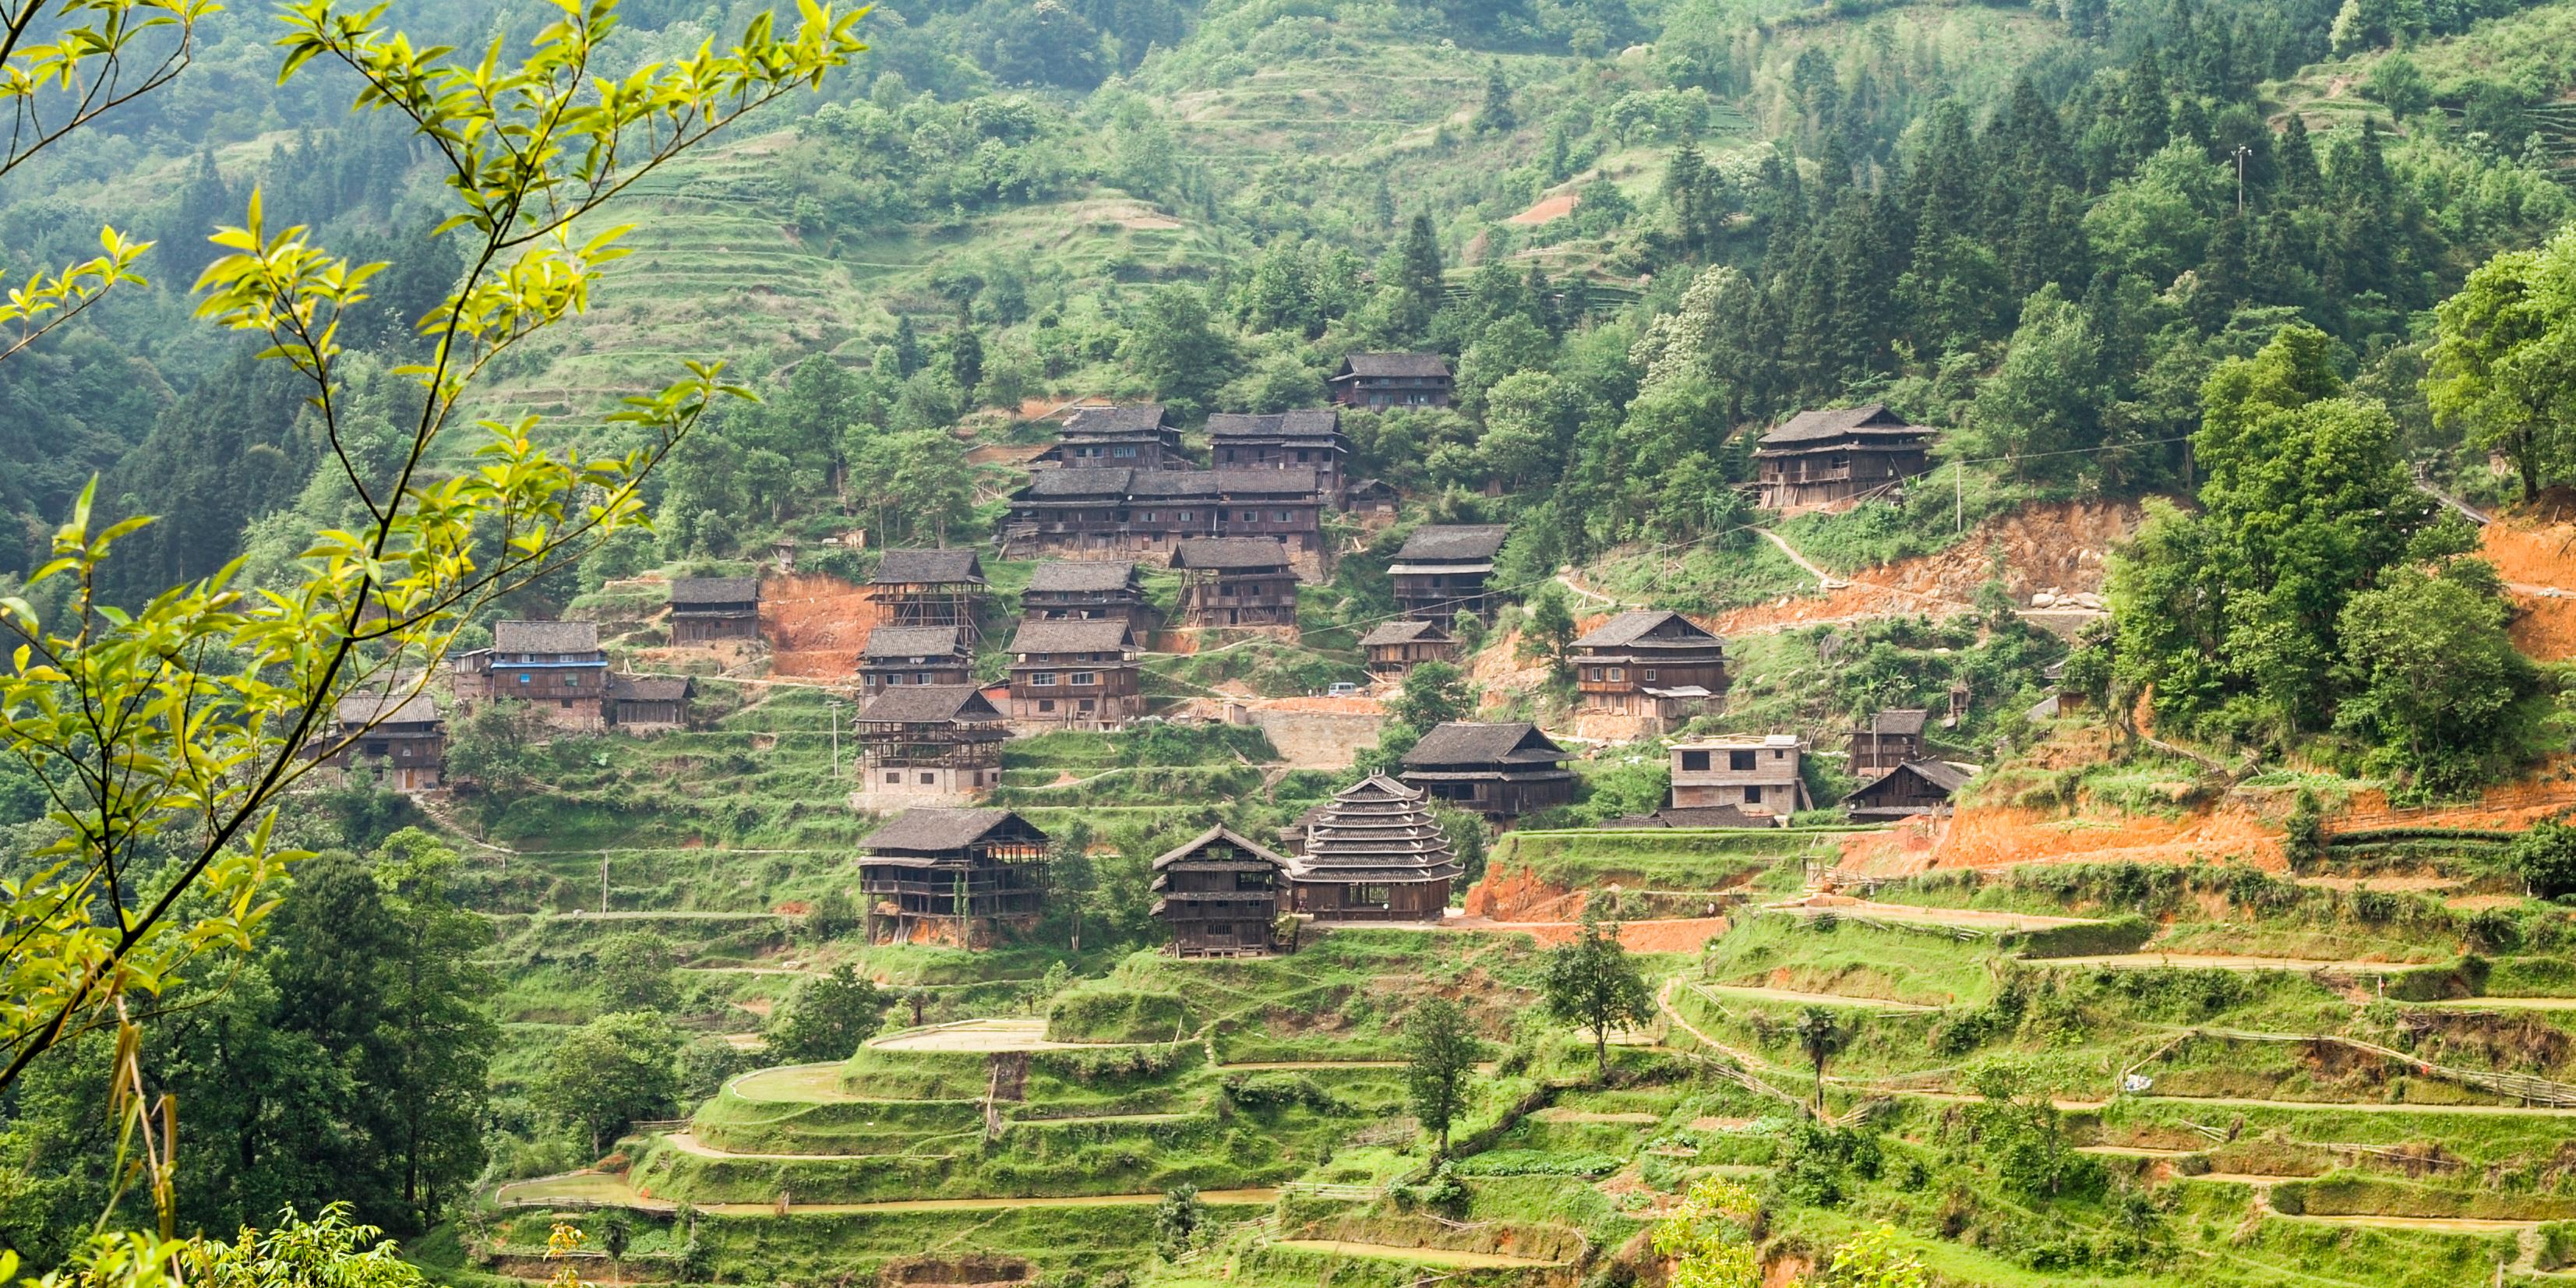 Guizhou bikeaways zhaoxing to Sanjiang